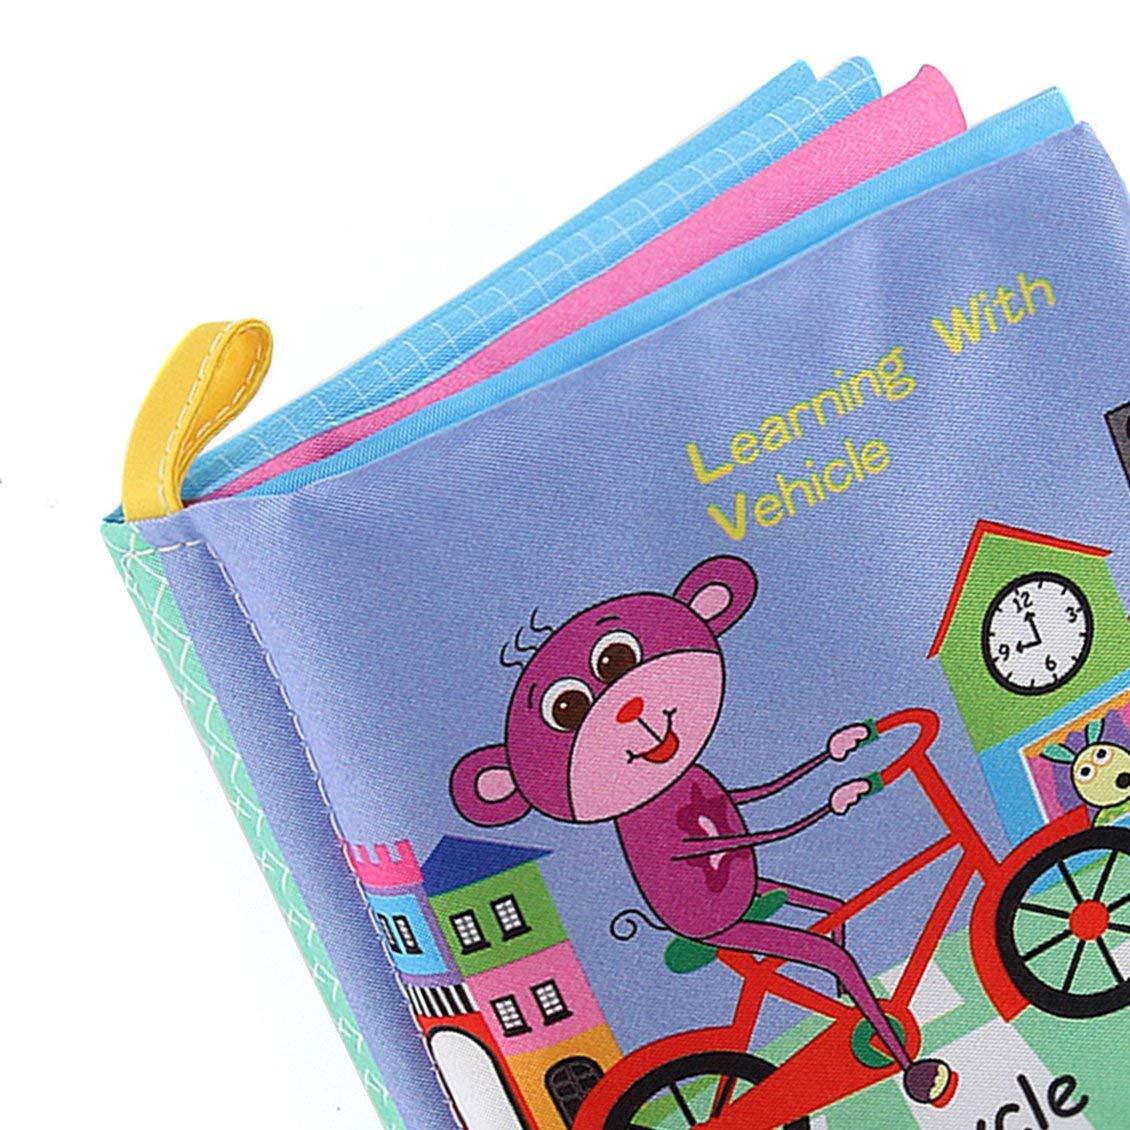 PGIGE Baby Shower Bath English Cartoon Animal Cloth Book Juegos educativos tempranos Juguete Navidad Regalos de cumplea/ños para ni/ños Ni/ños 1 Tama/ño